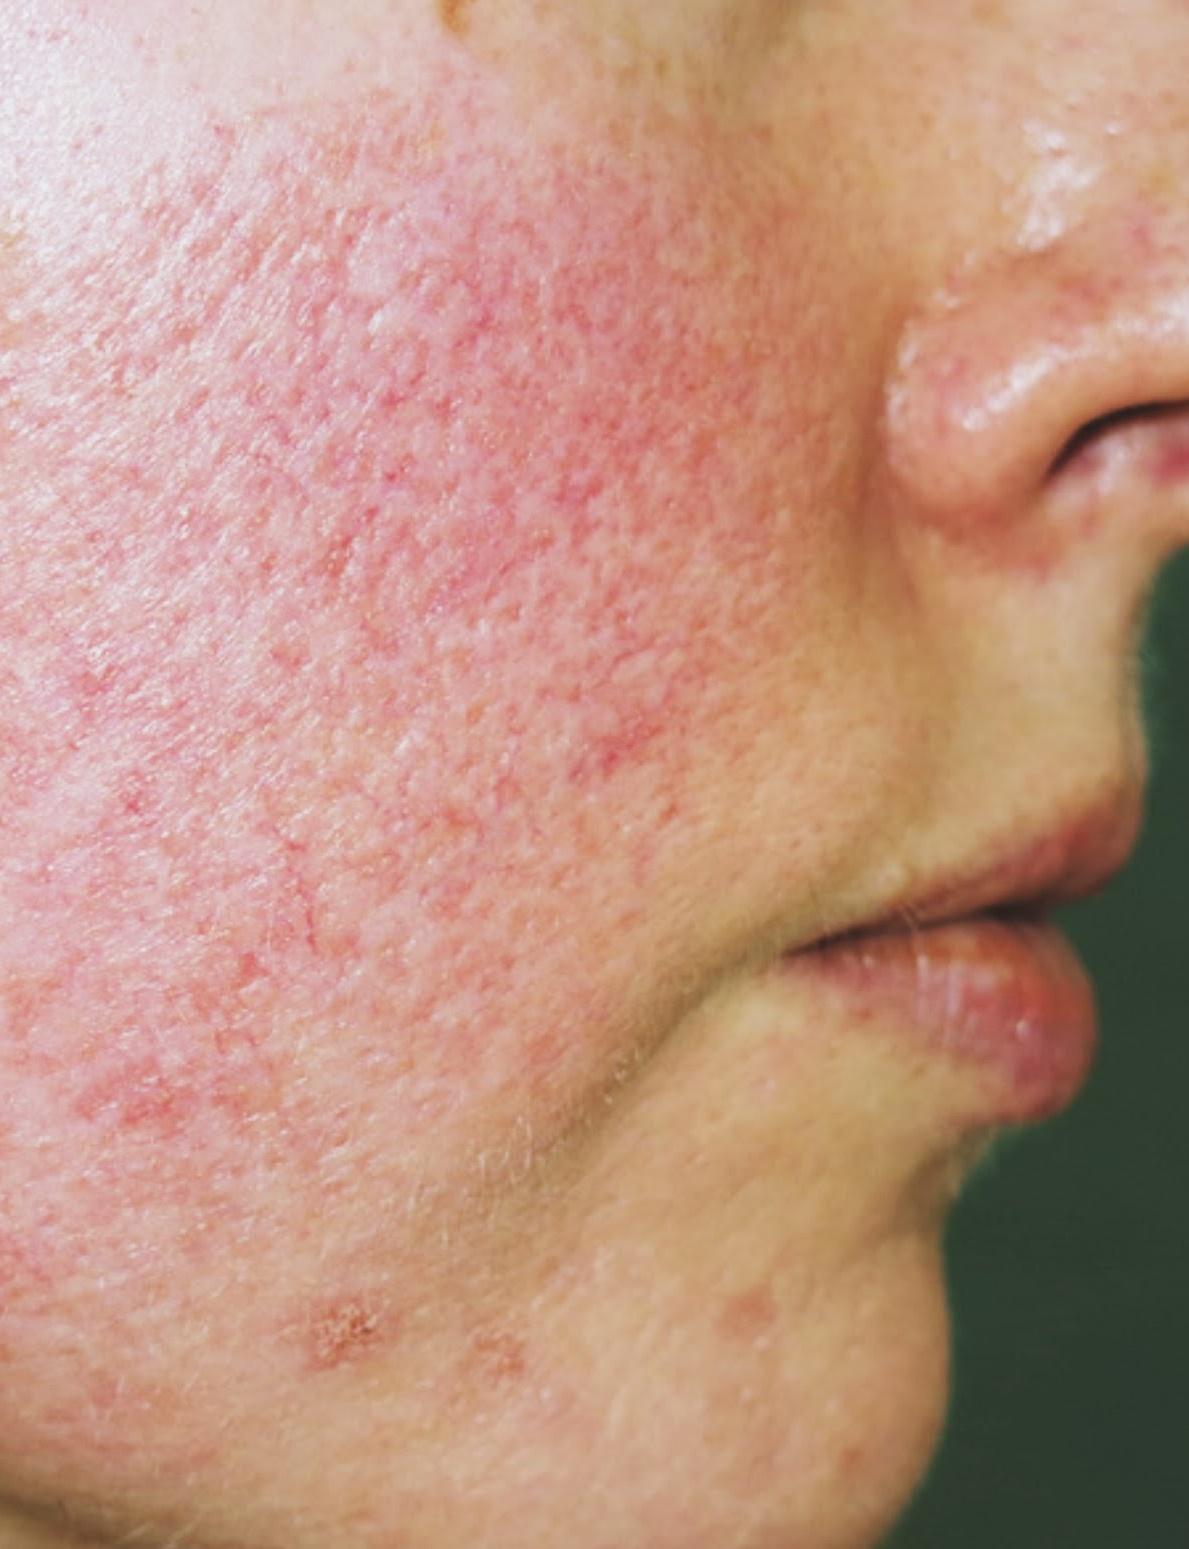 Trądzik różowaty | Kompendium wiedzy o acne rosacea